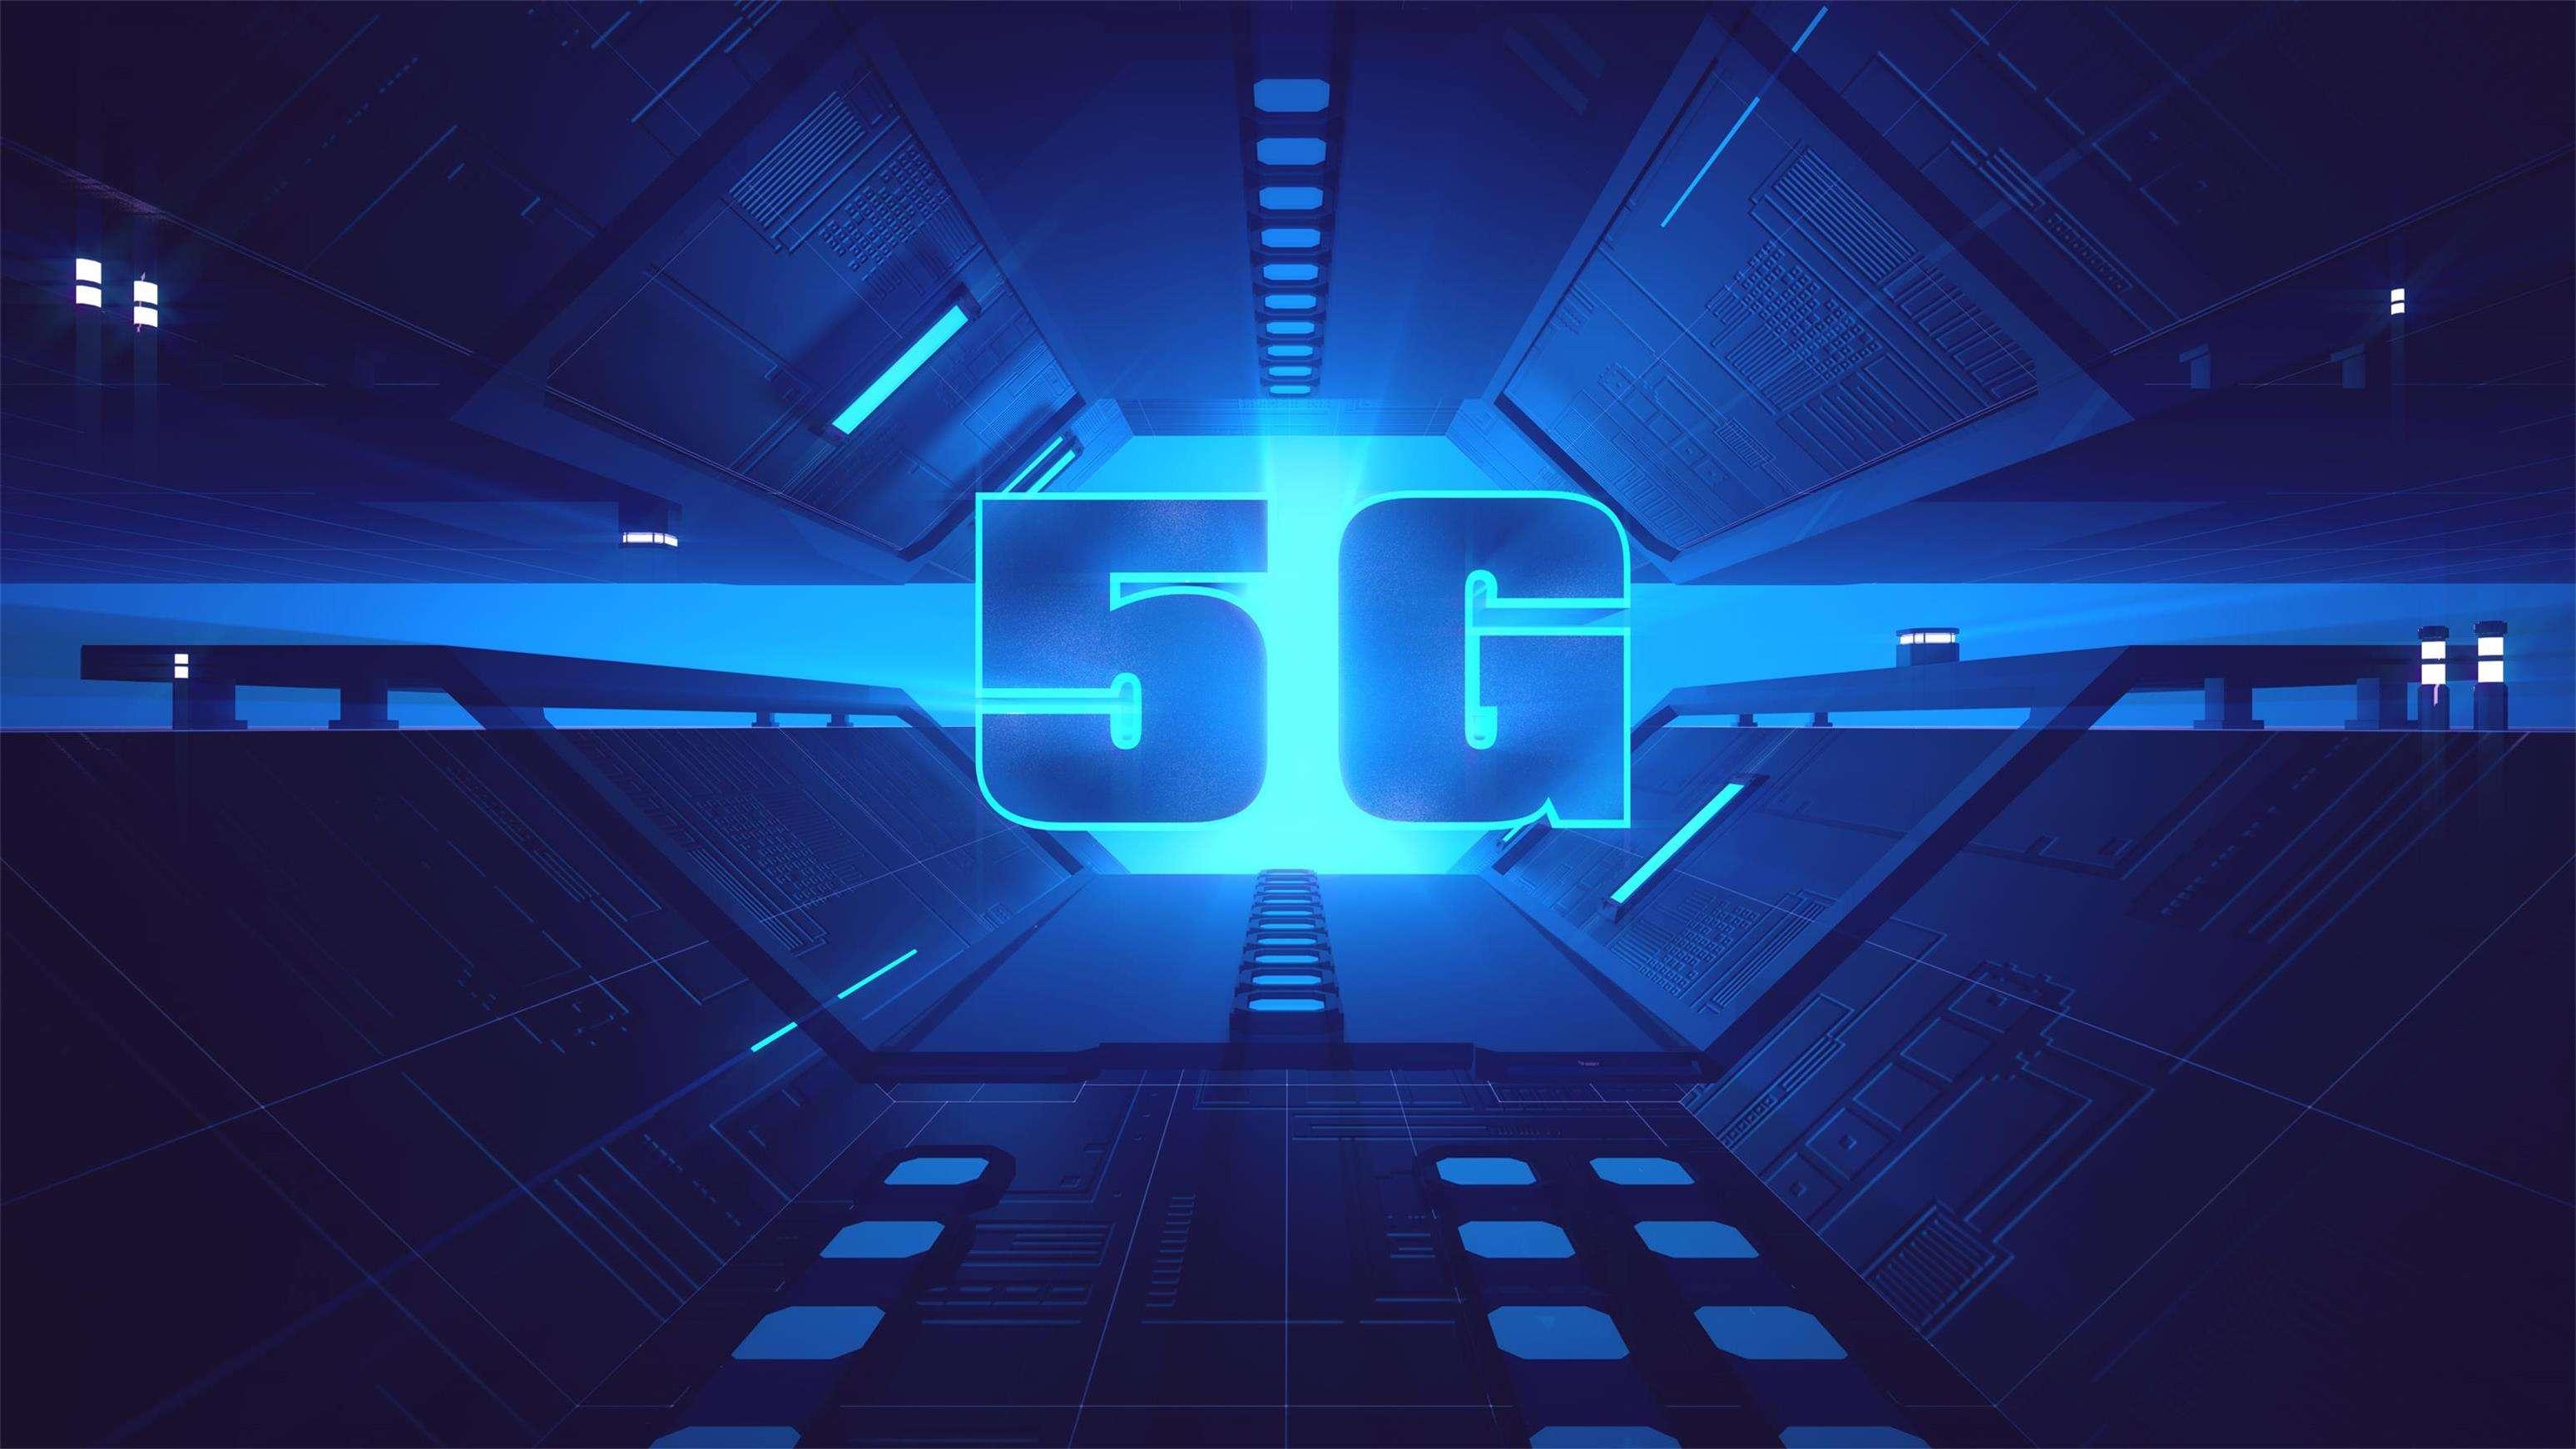 干货!5G的核心之一:大规模天线技术